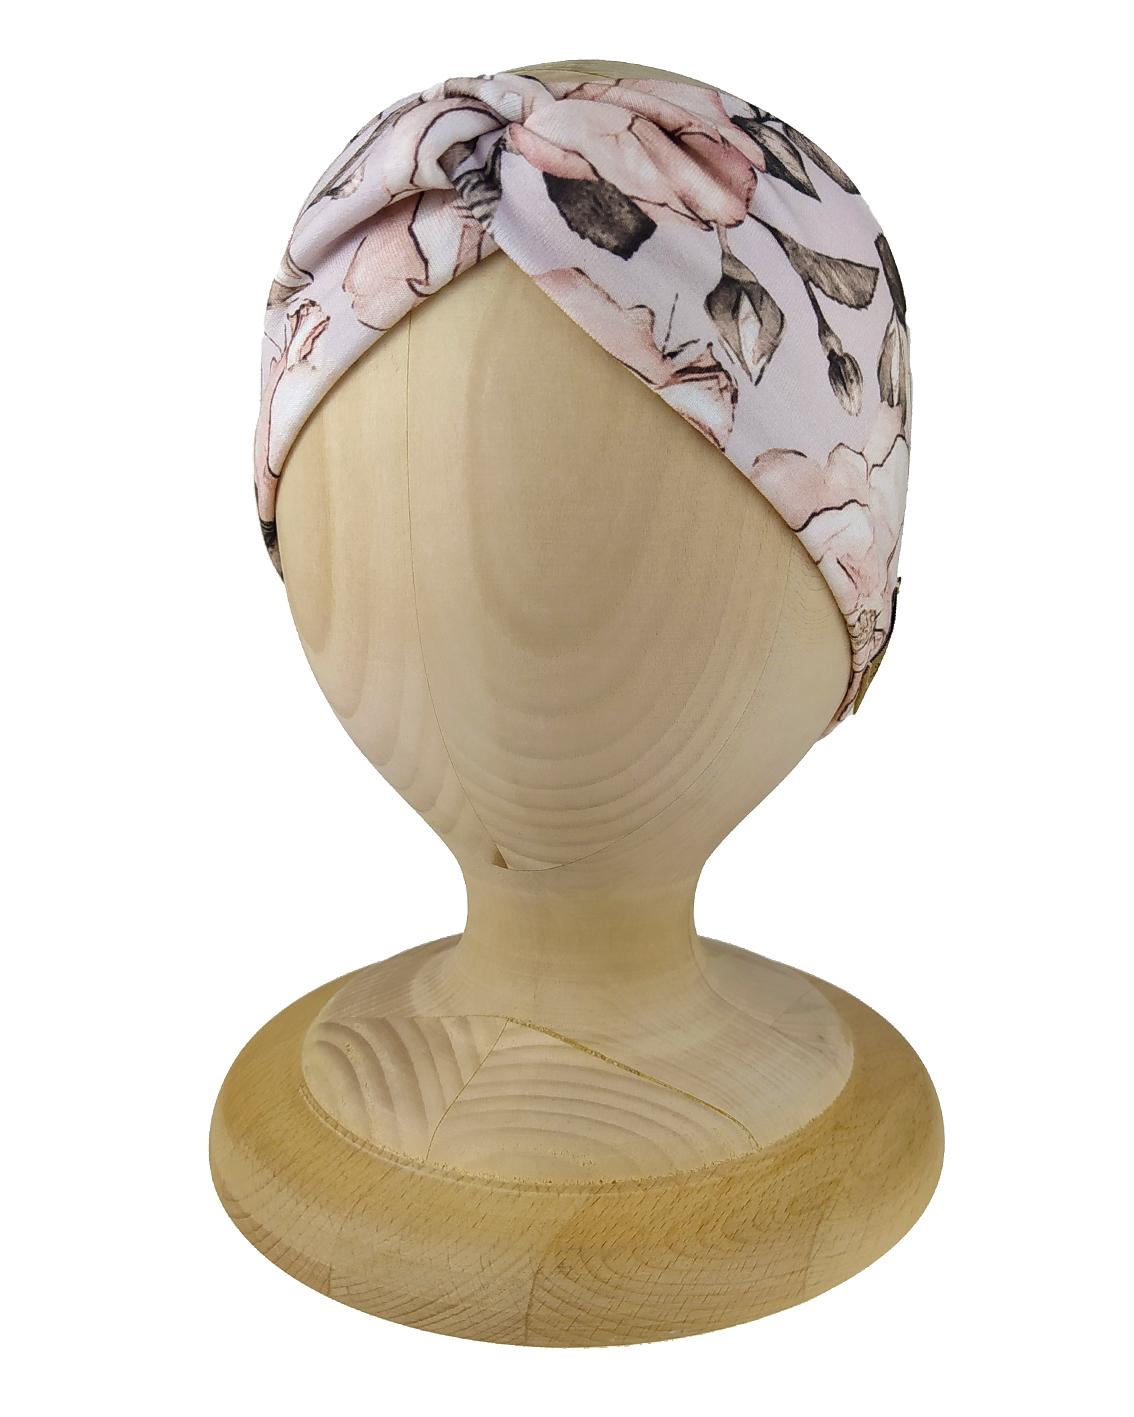 Opaska dziecięca przeplatana Twist. Uszyta z elastycznej bawełny petelkowej. Marka Gracja Styl.